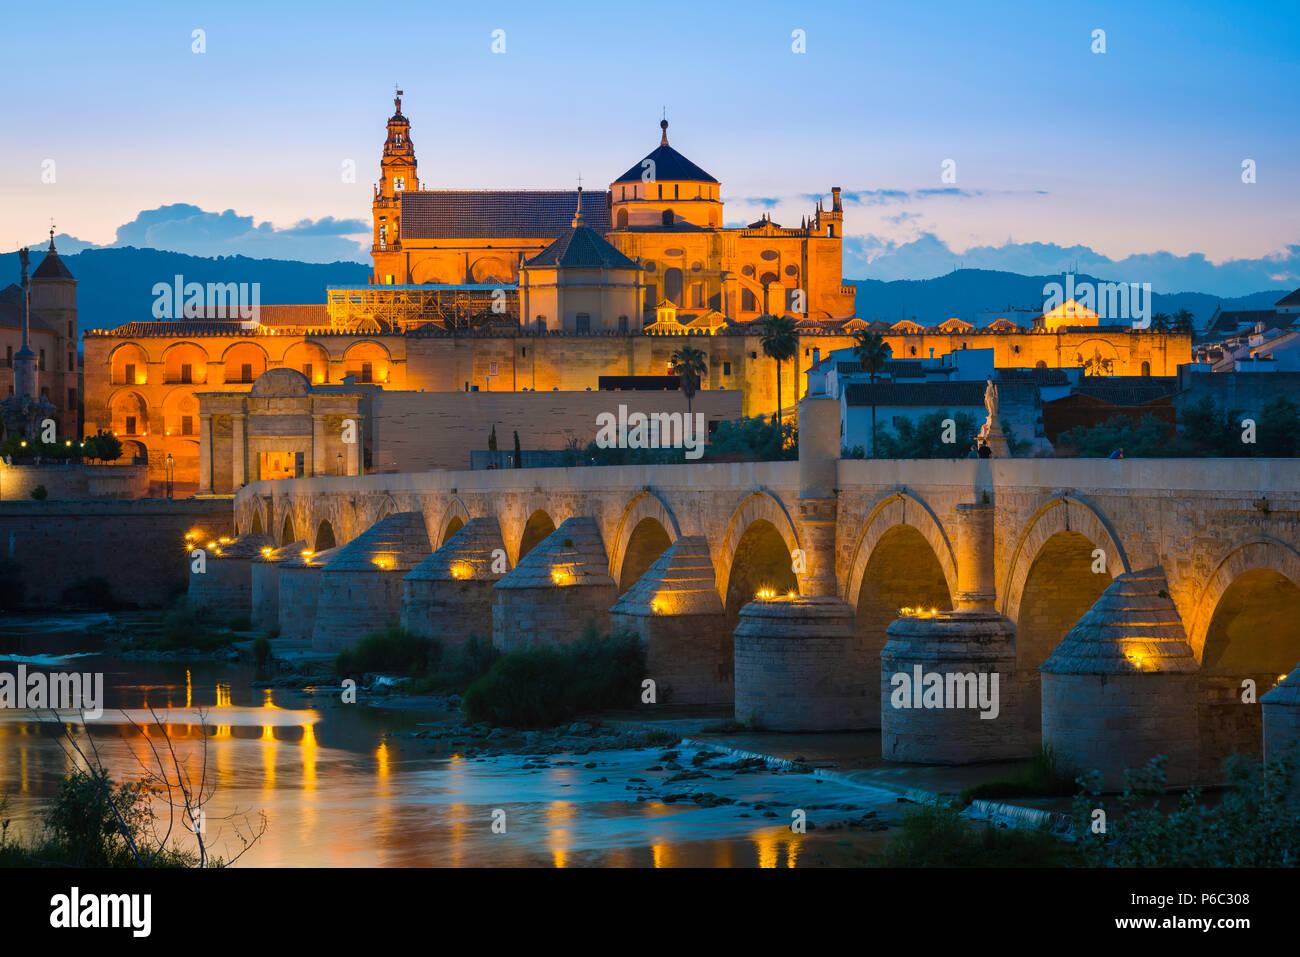 Andalucia España arquitectura, vistas por la noche cruzando el puente romano sobre el río Guadalquivir hacia la Catedral, La Mezquita de Córdoba, España. Imagen De Stock